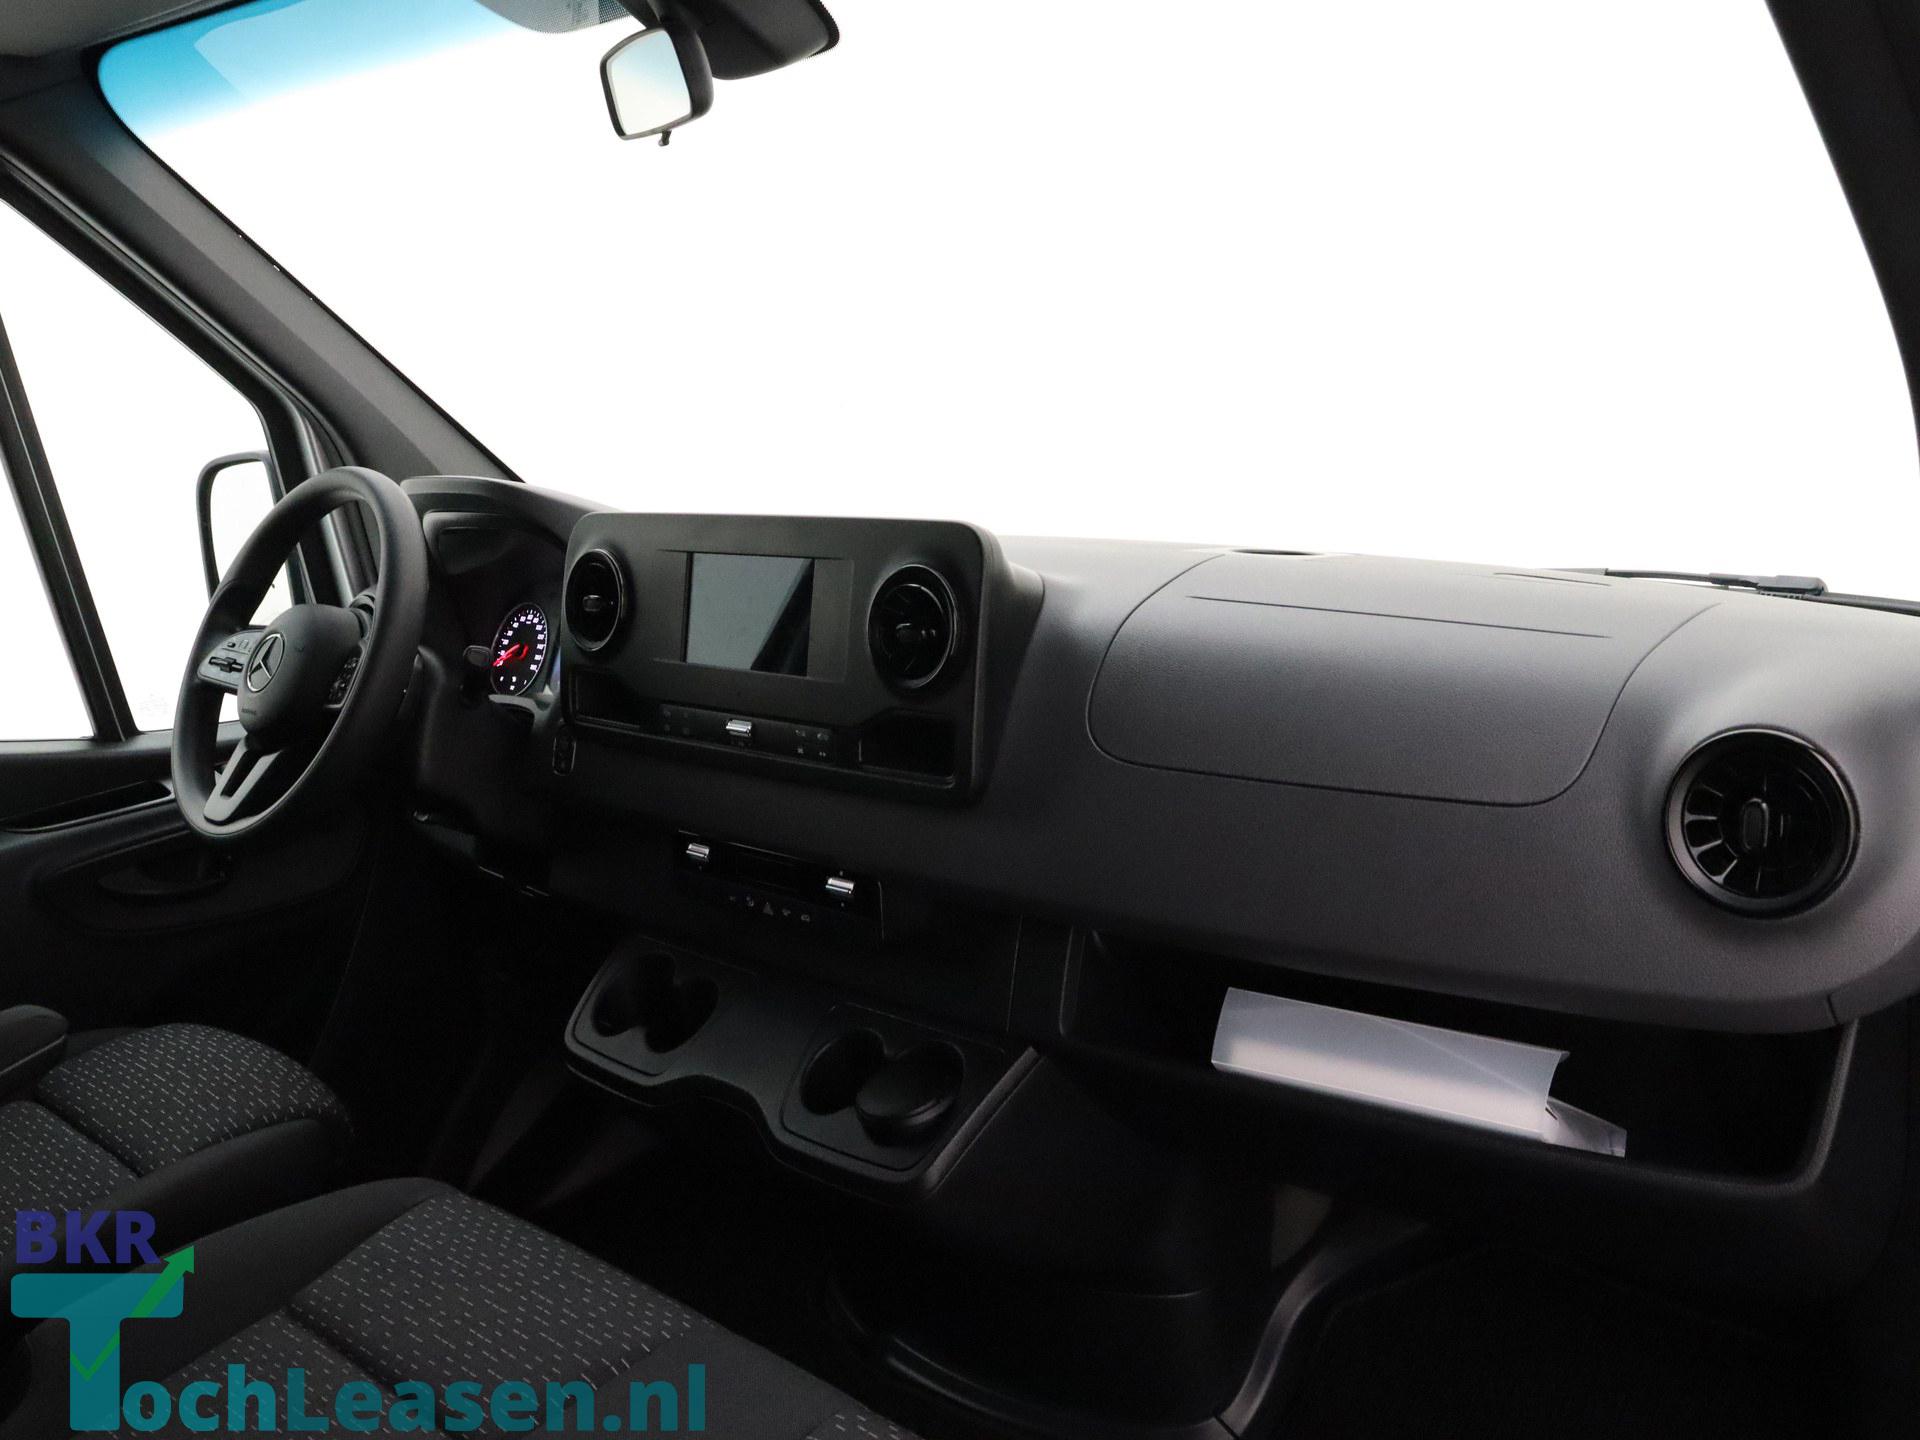 BKR toch leasen - Mercedes-Benz Sprinter - Zilver 7